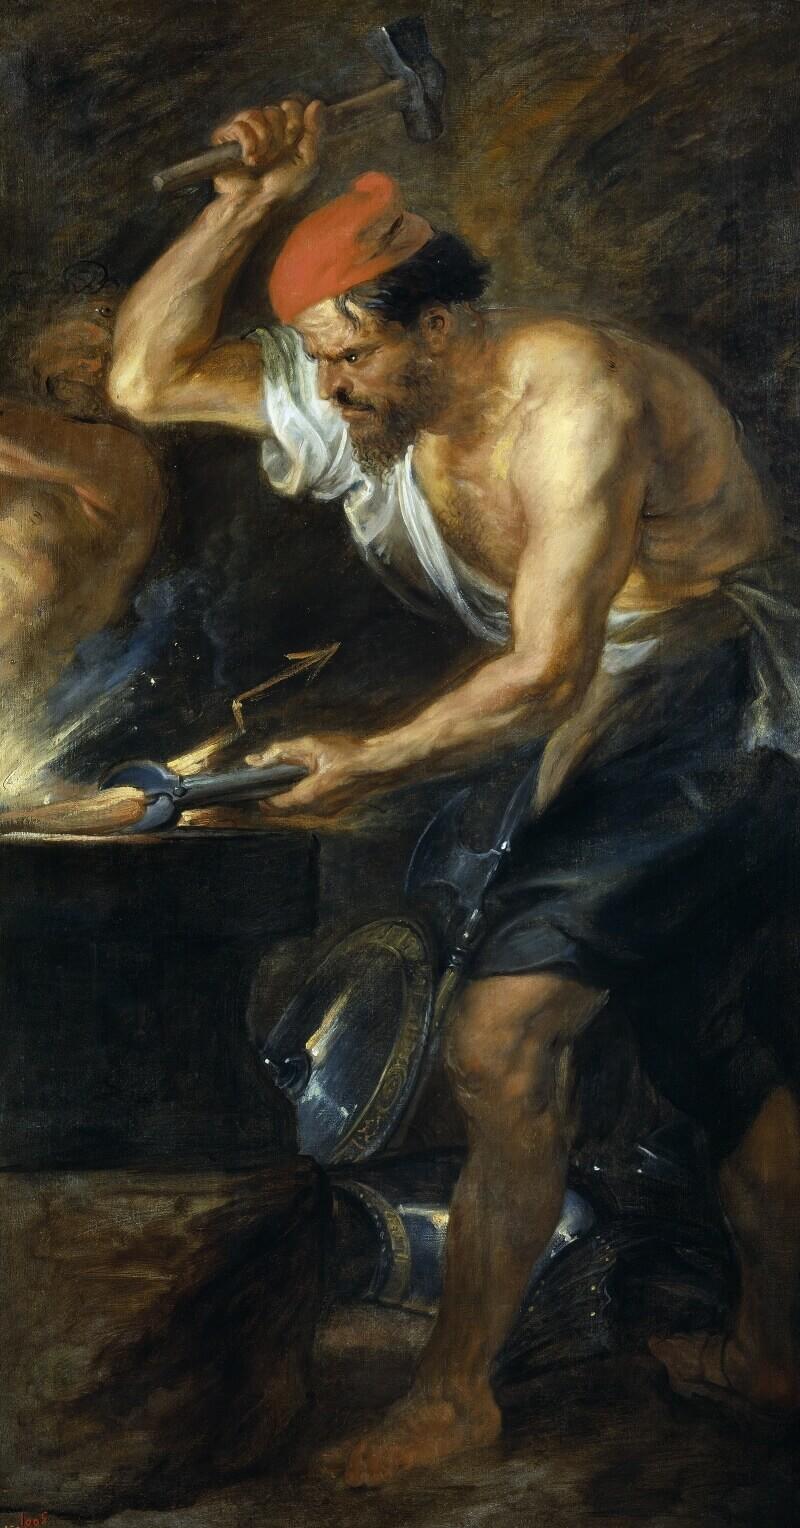 Питер Пауль Рубенс «Вулкан кует молнии Юпитеру», 1636-1637 годы